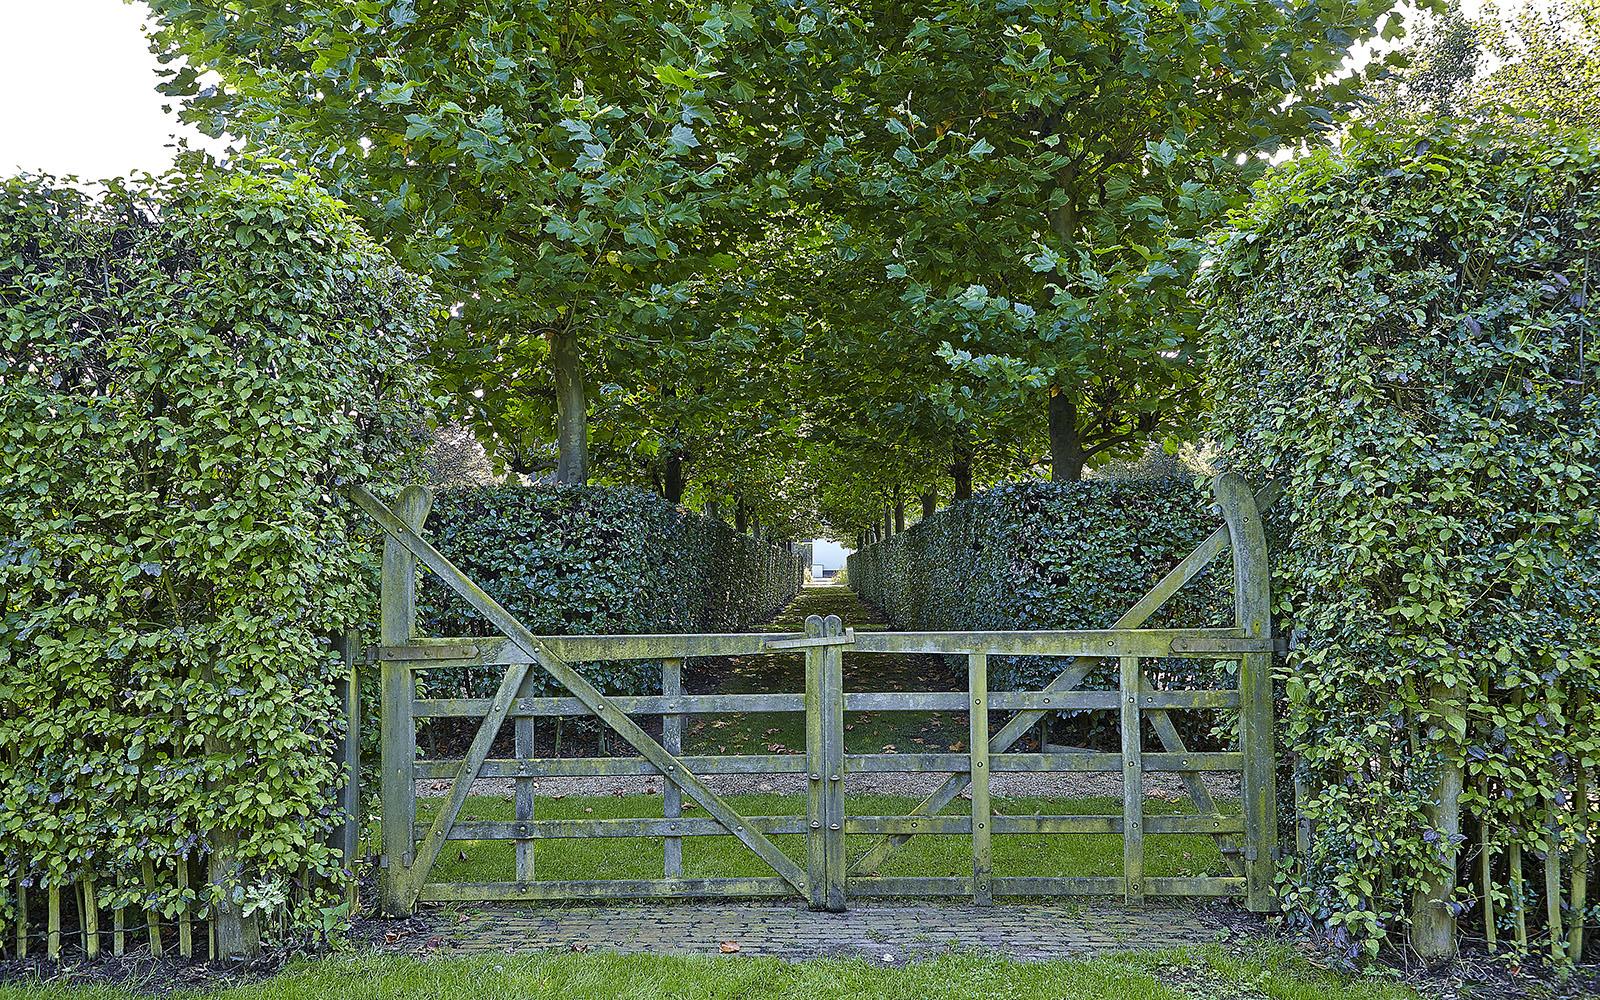 Imposante tuin, Margry-Arts Architecten, Margry Arts, Tuin, Landschapstuin, Vijver, Zwembad, Vakantiegevoel